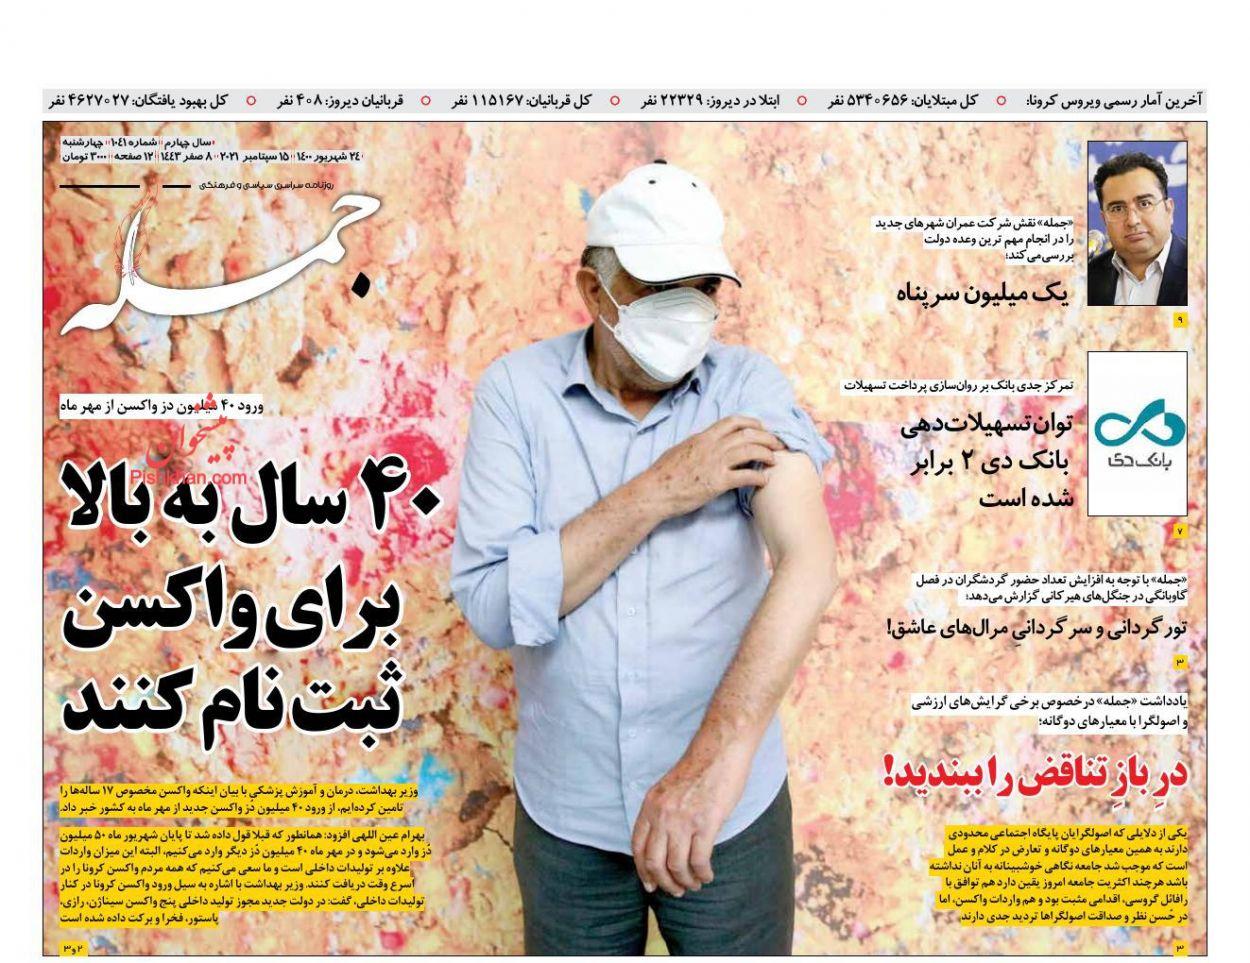 عناوین اخبار روزنامه جمله در روز چهارشنبه ۲۴ شهريور